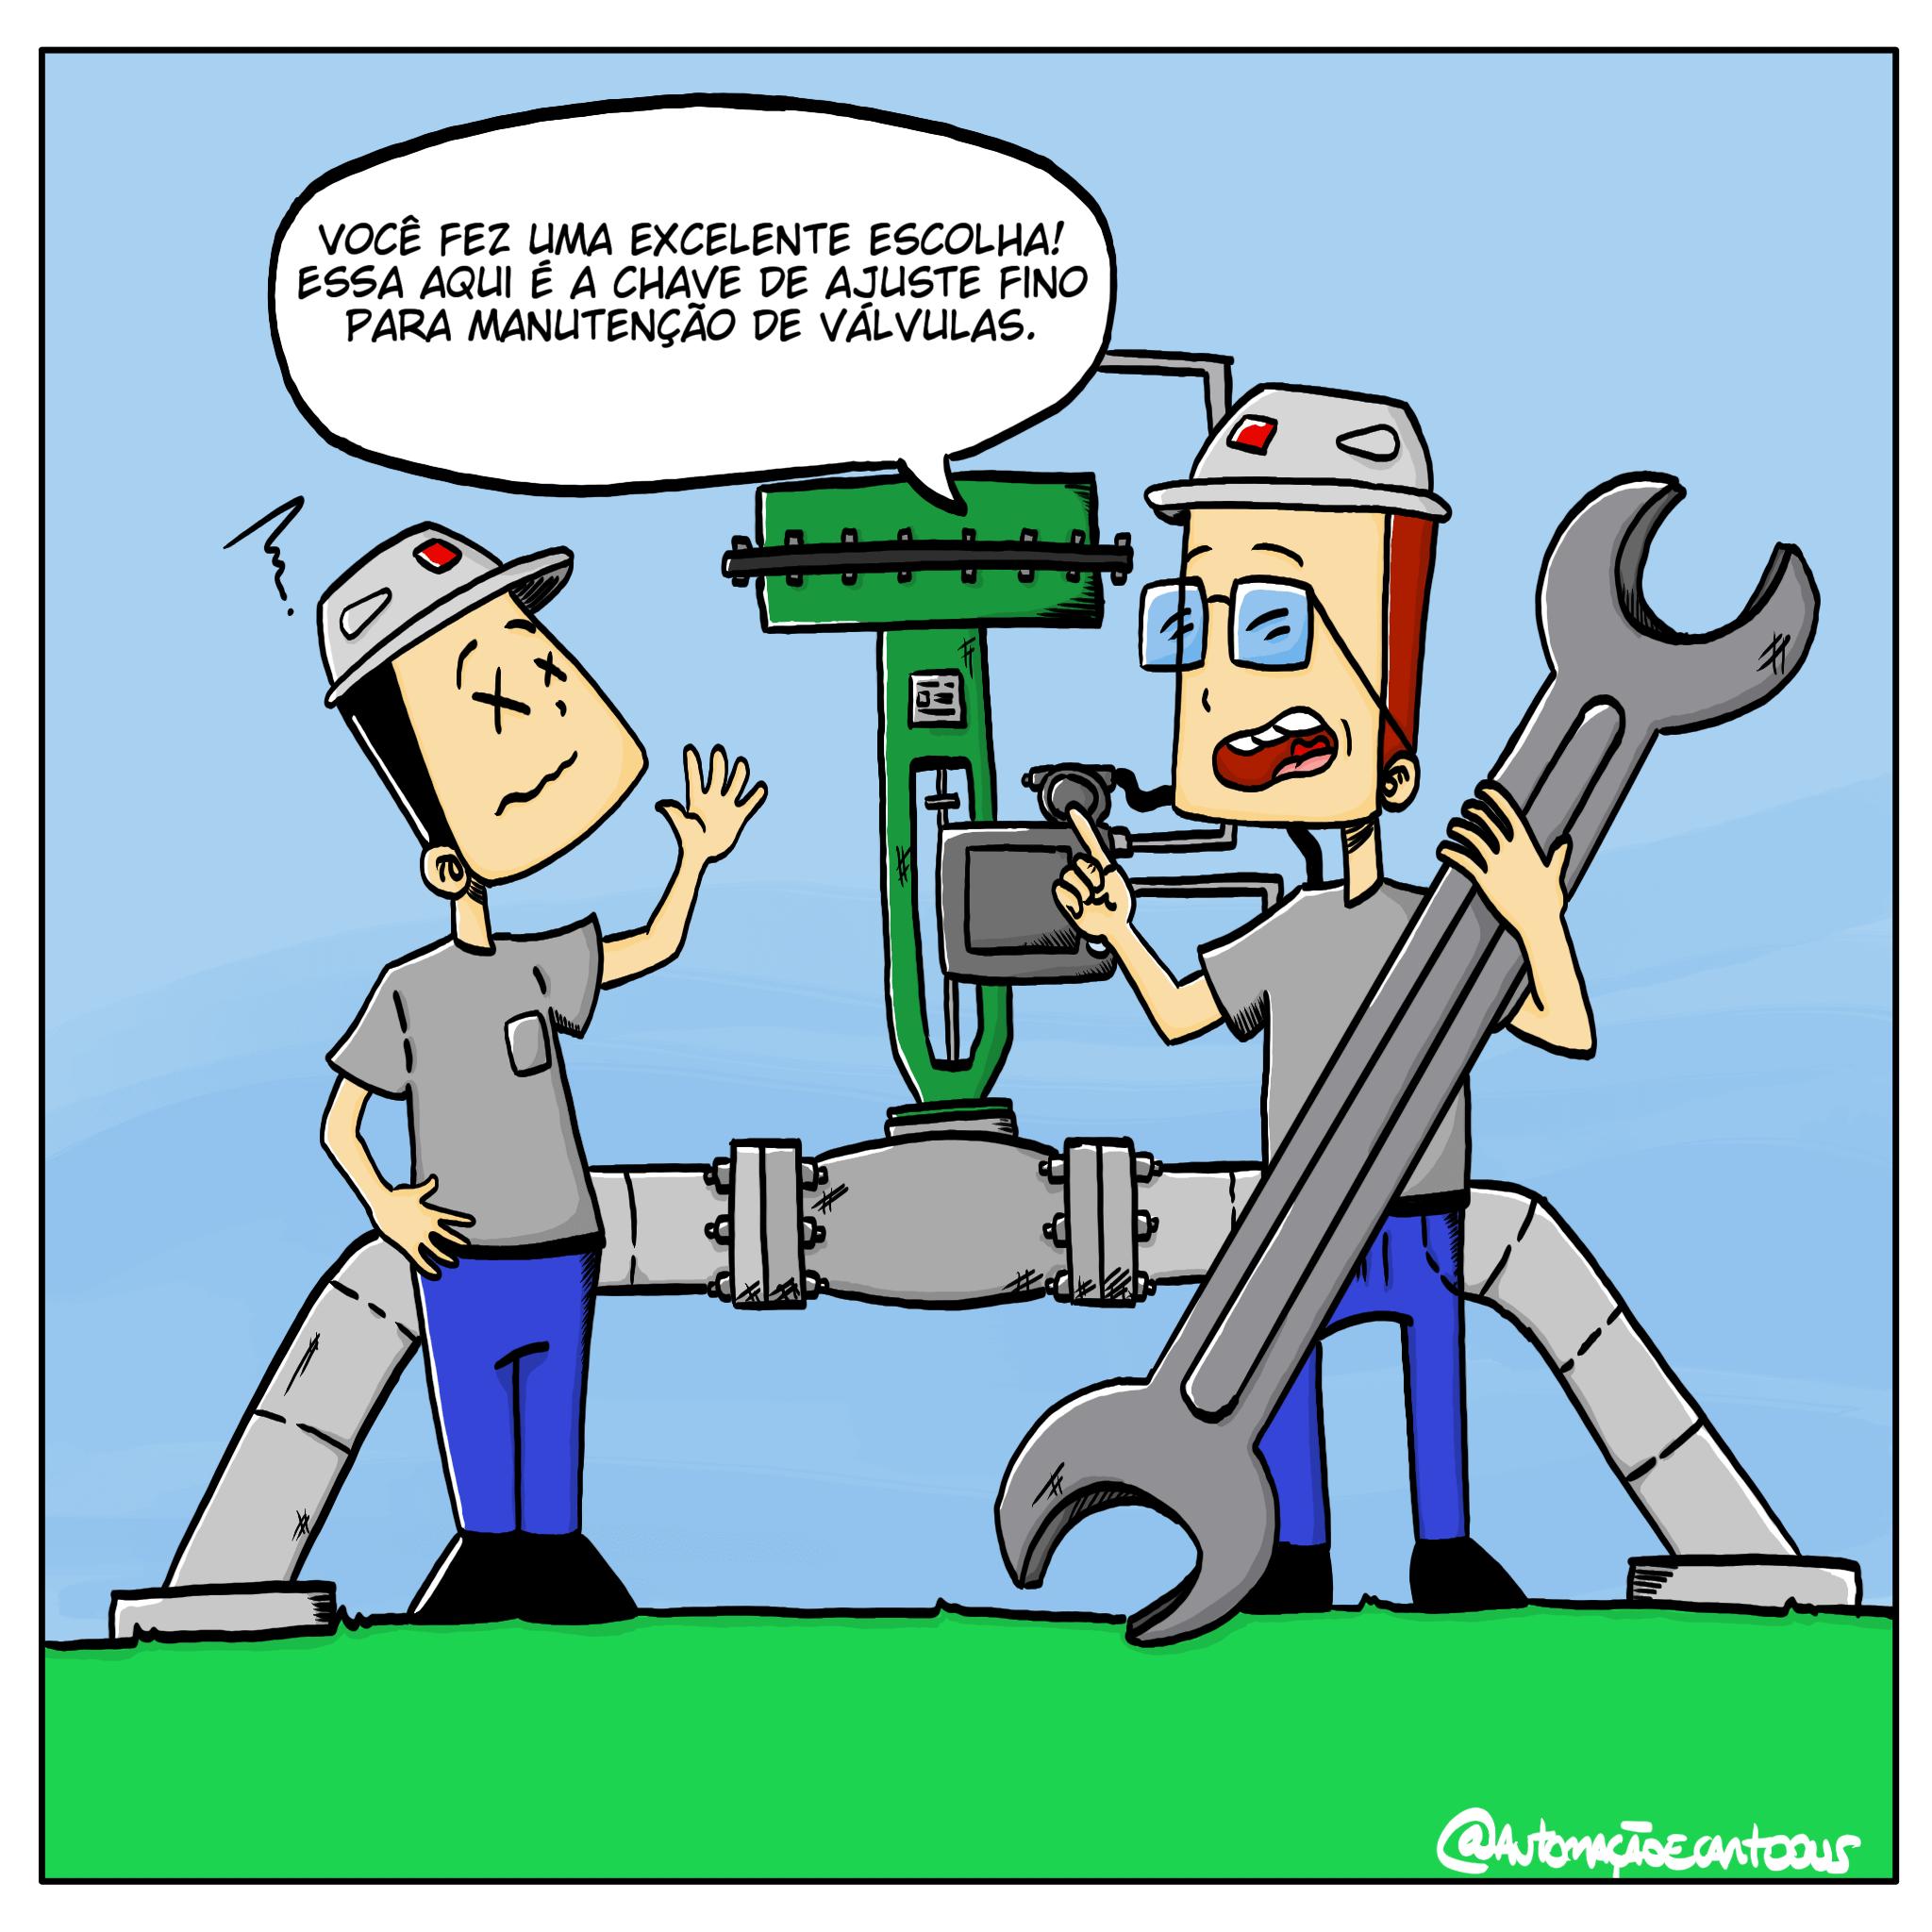 manutencao-em-valvula-de-controle